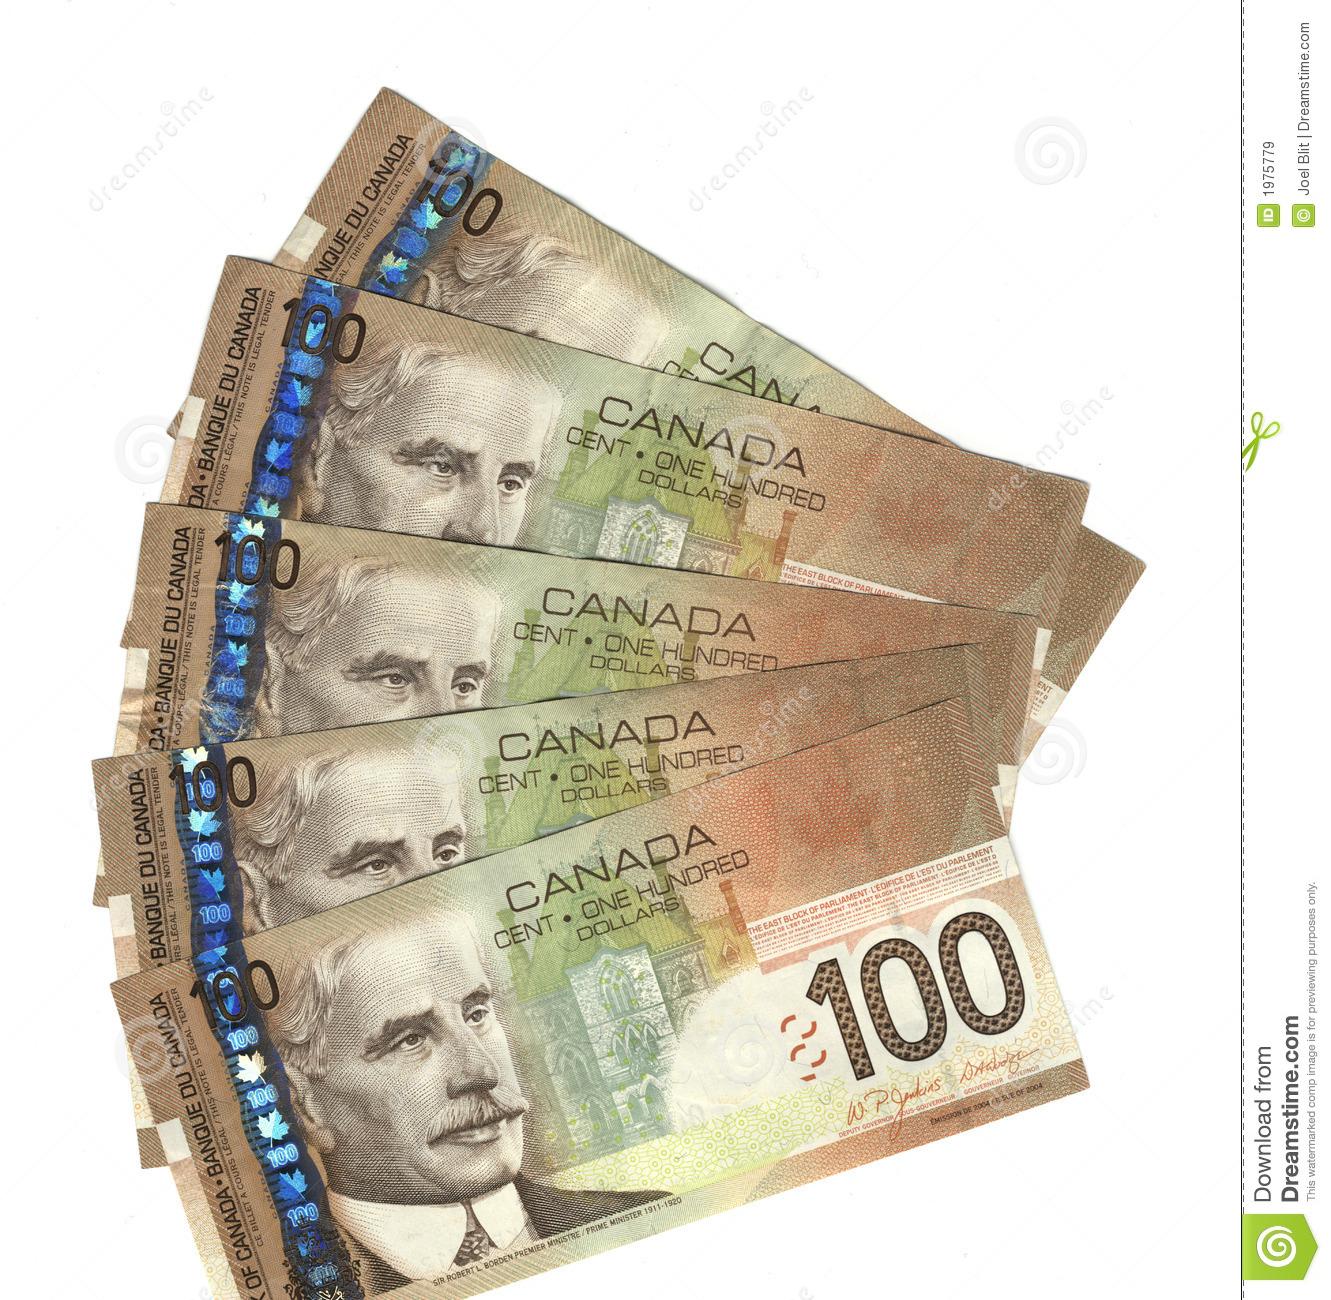 100 канадских долларов фото